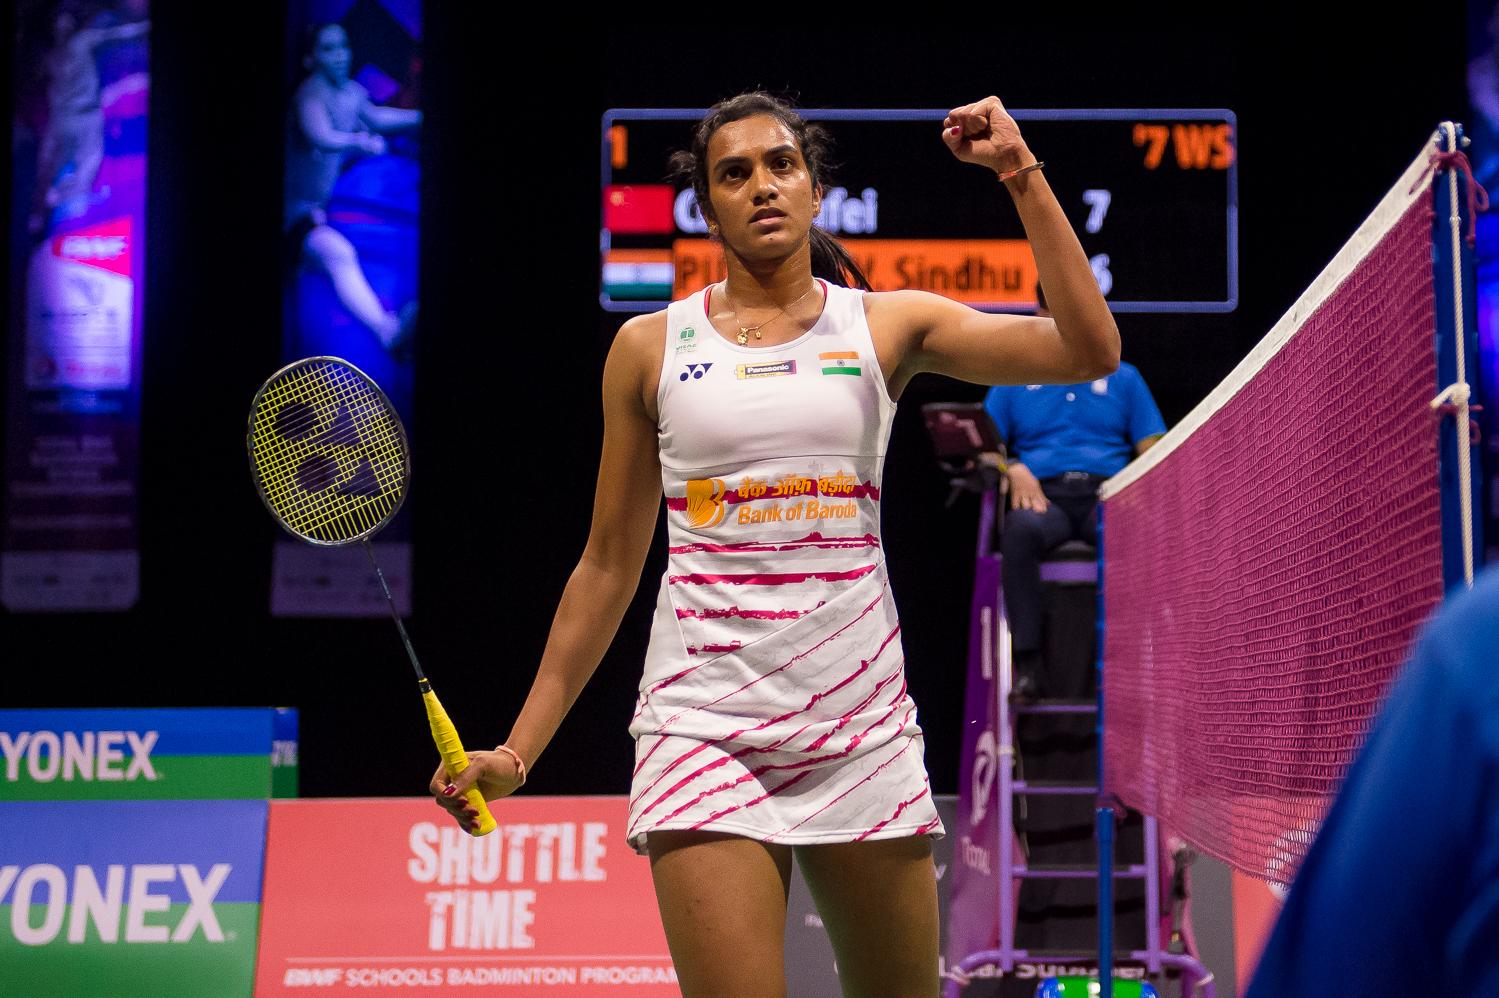 Die Silbermedaillegewinnerin von Rio Pursala Sindhu stürmte ins Finale und möchte sich heute zur Weltmeisterin krönen